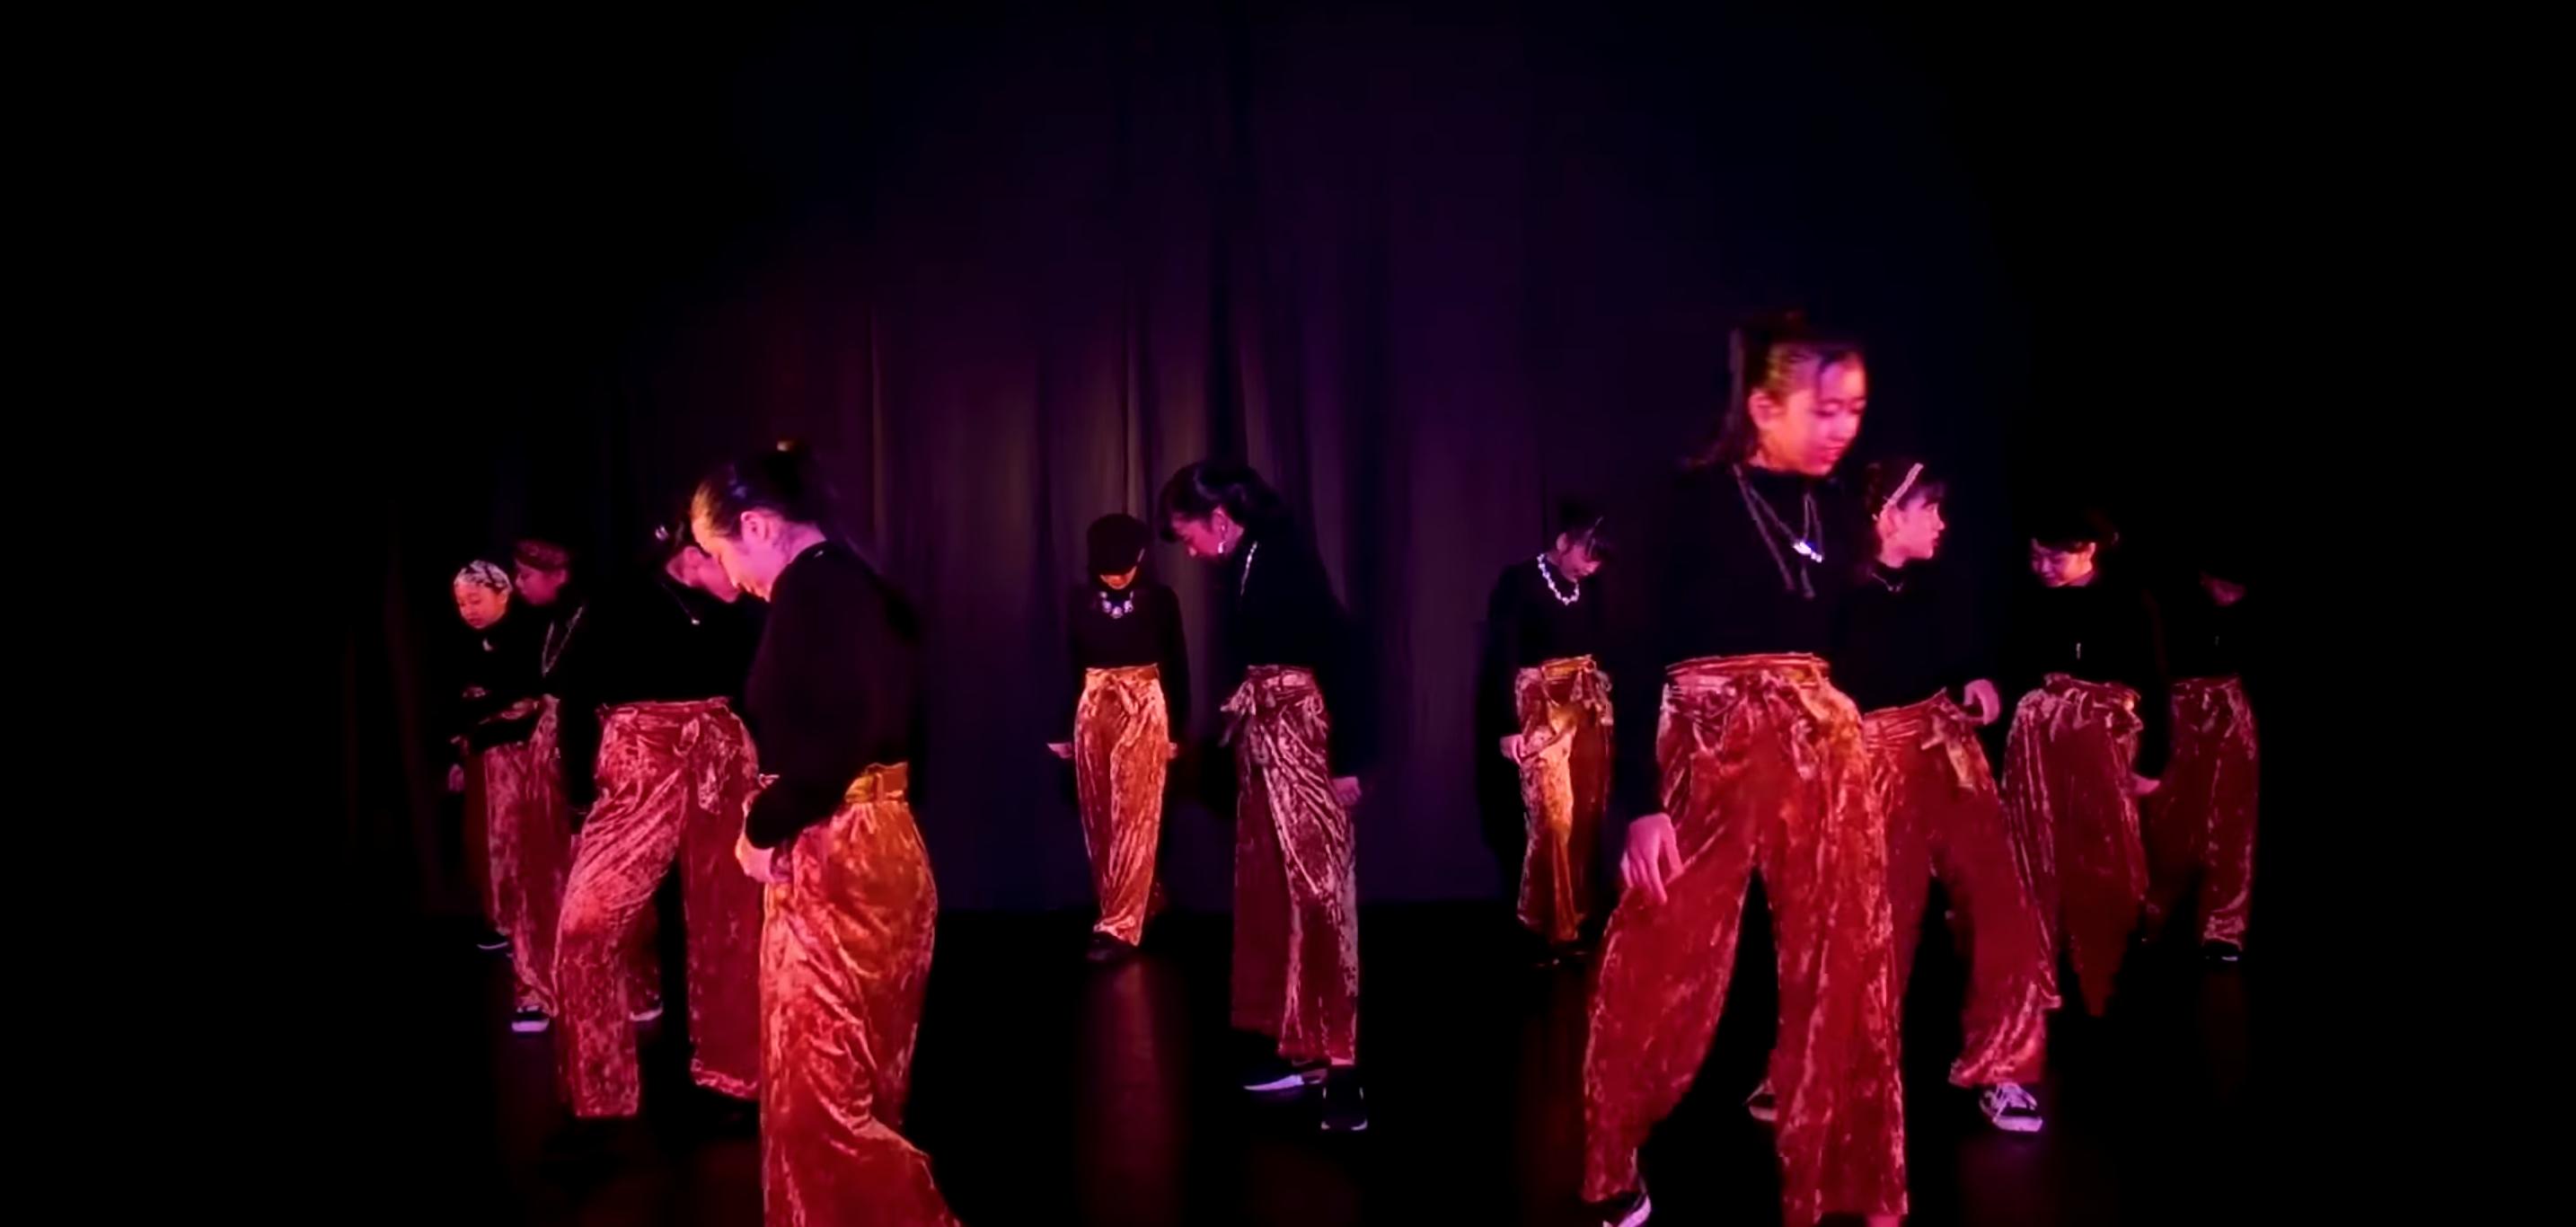 今のキッズダンサーのレベルがすごい!噂のDANCE WORKS上級メンバー【MAR編】